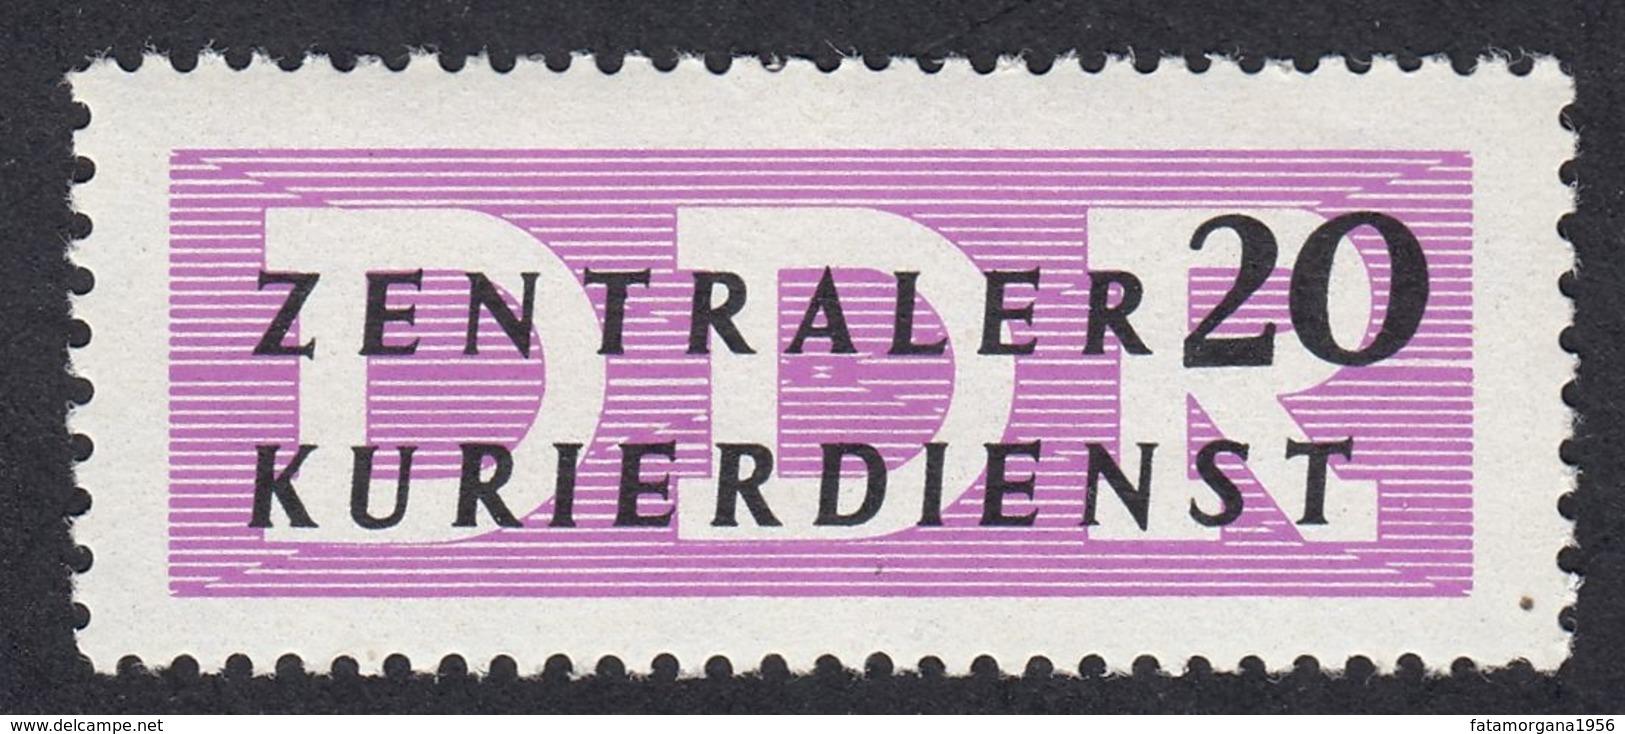 GERMANIA DDR - 1956 - SERVIZIO - Yvert 40 Nuovo MNH, 20 P., Lilla, Testo E Valori In Nero Su Carta Bianca. - Dienstpost